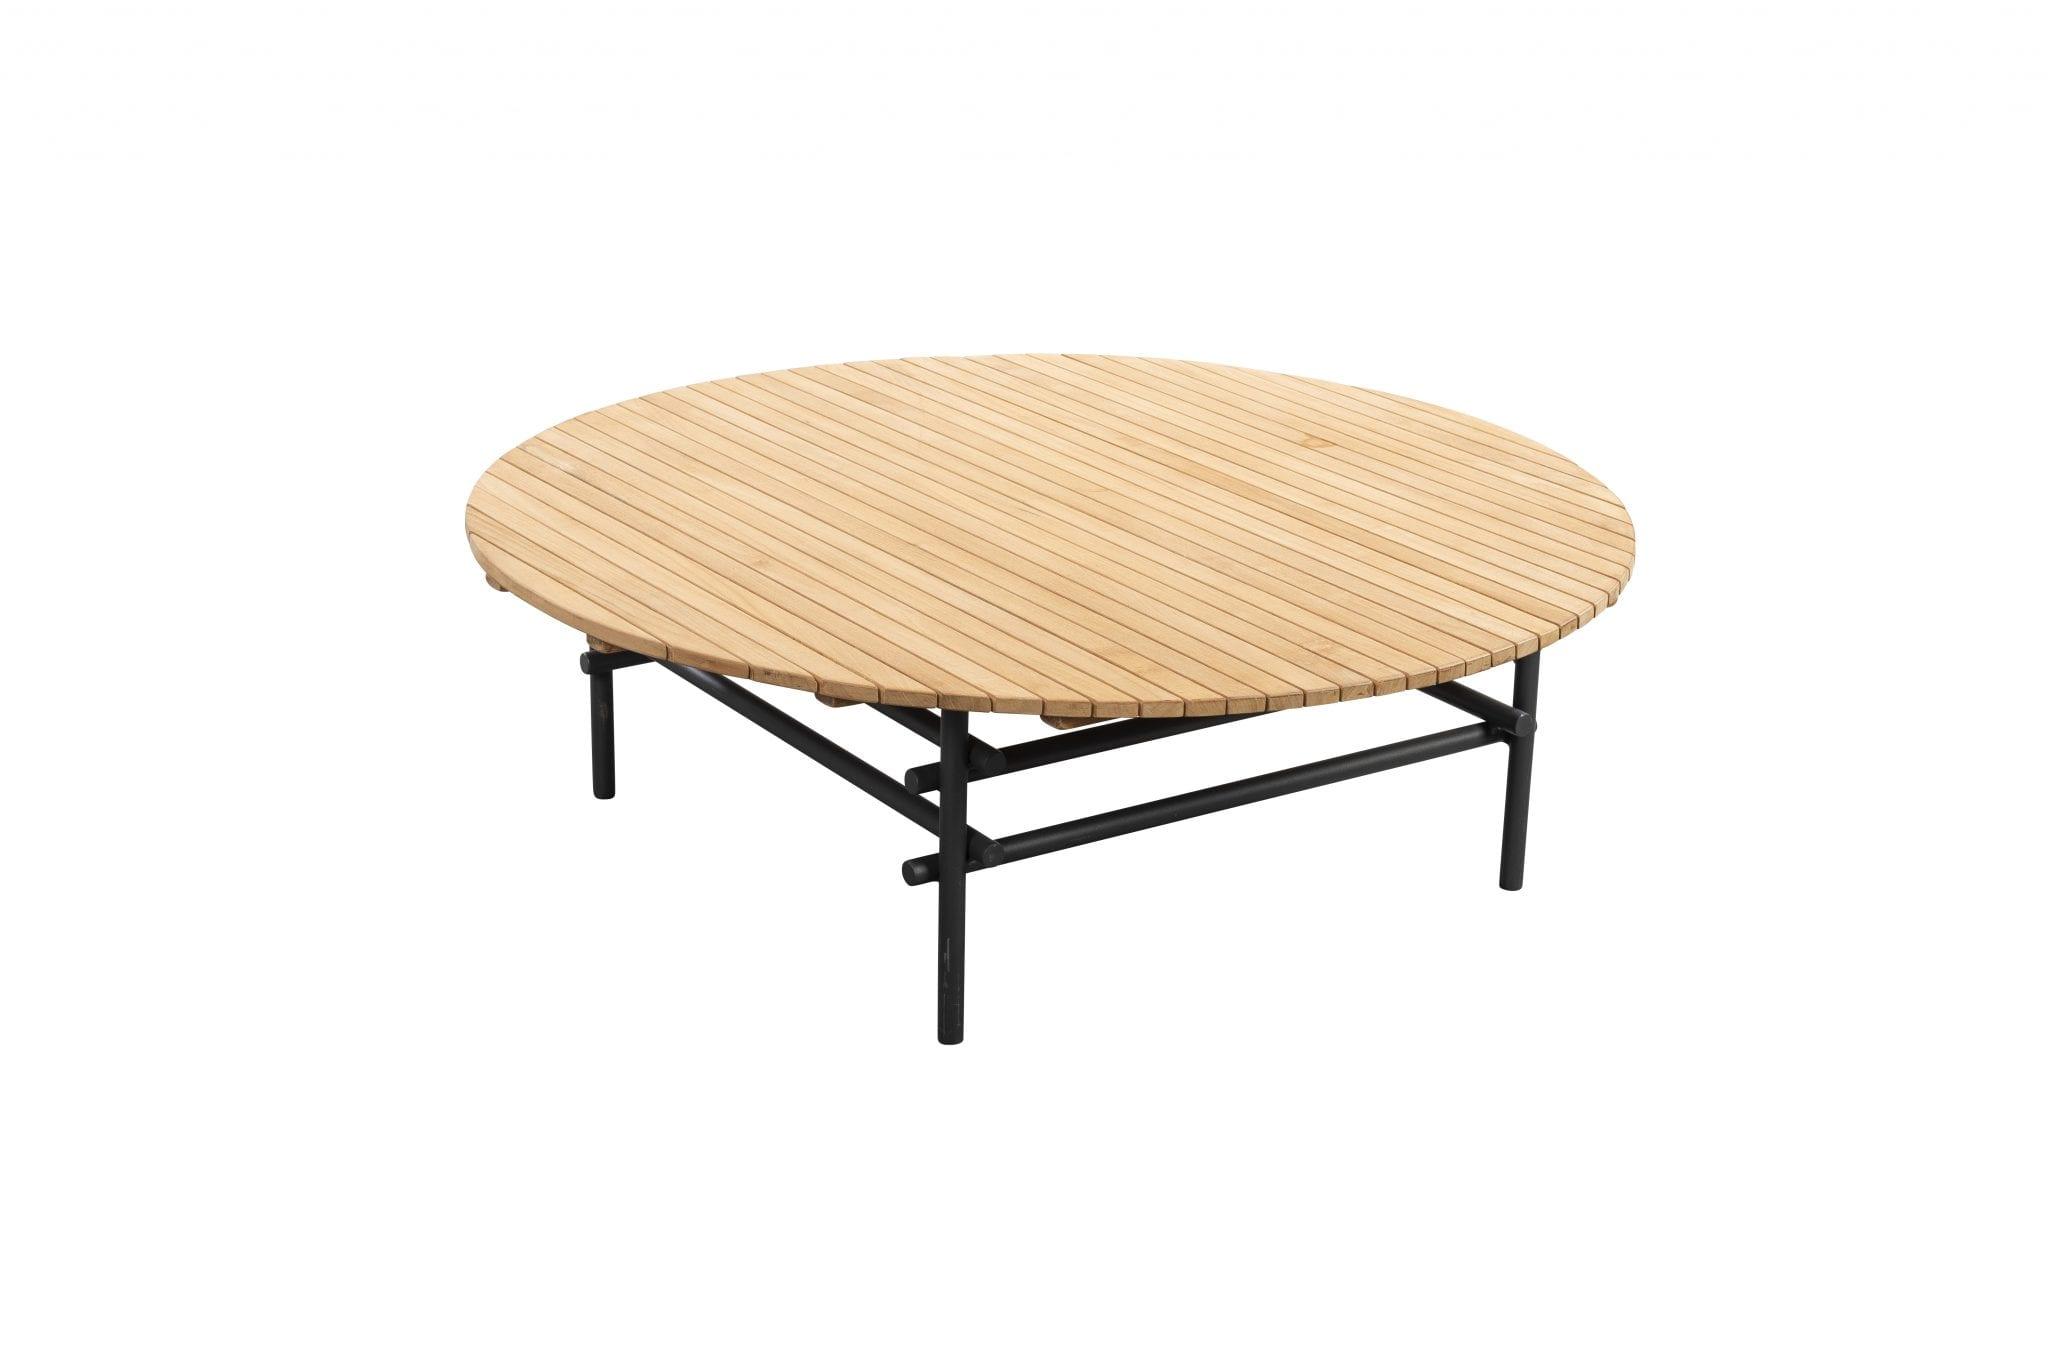 Ki 100 round coffee table - dark grey | Yoi Furniture